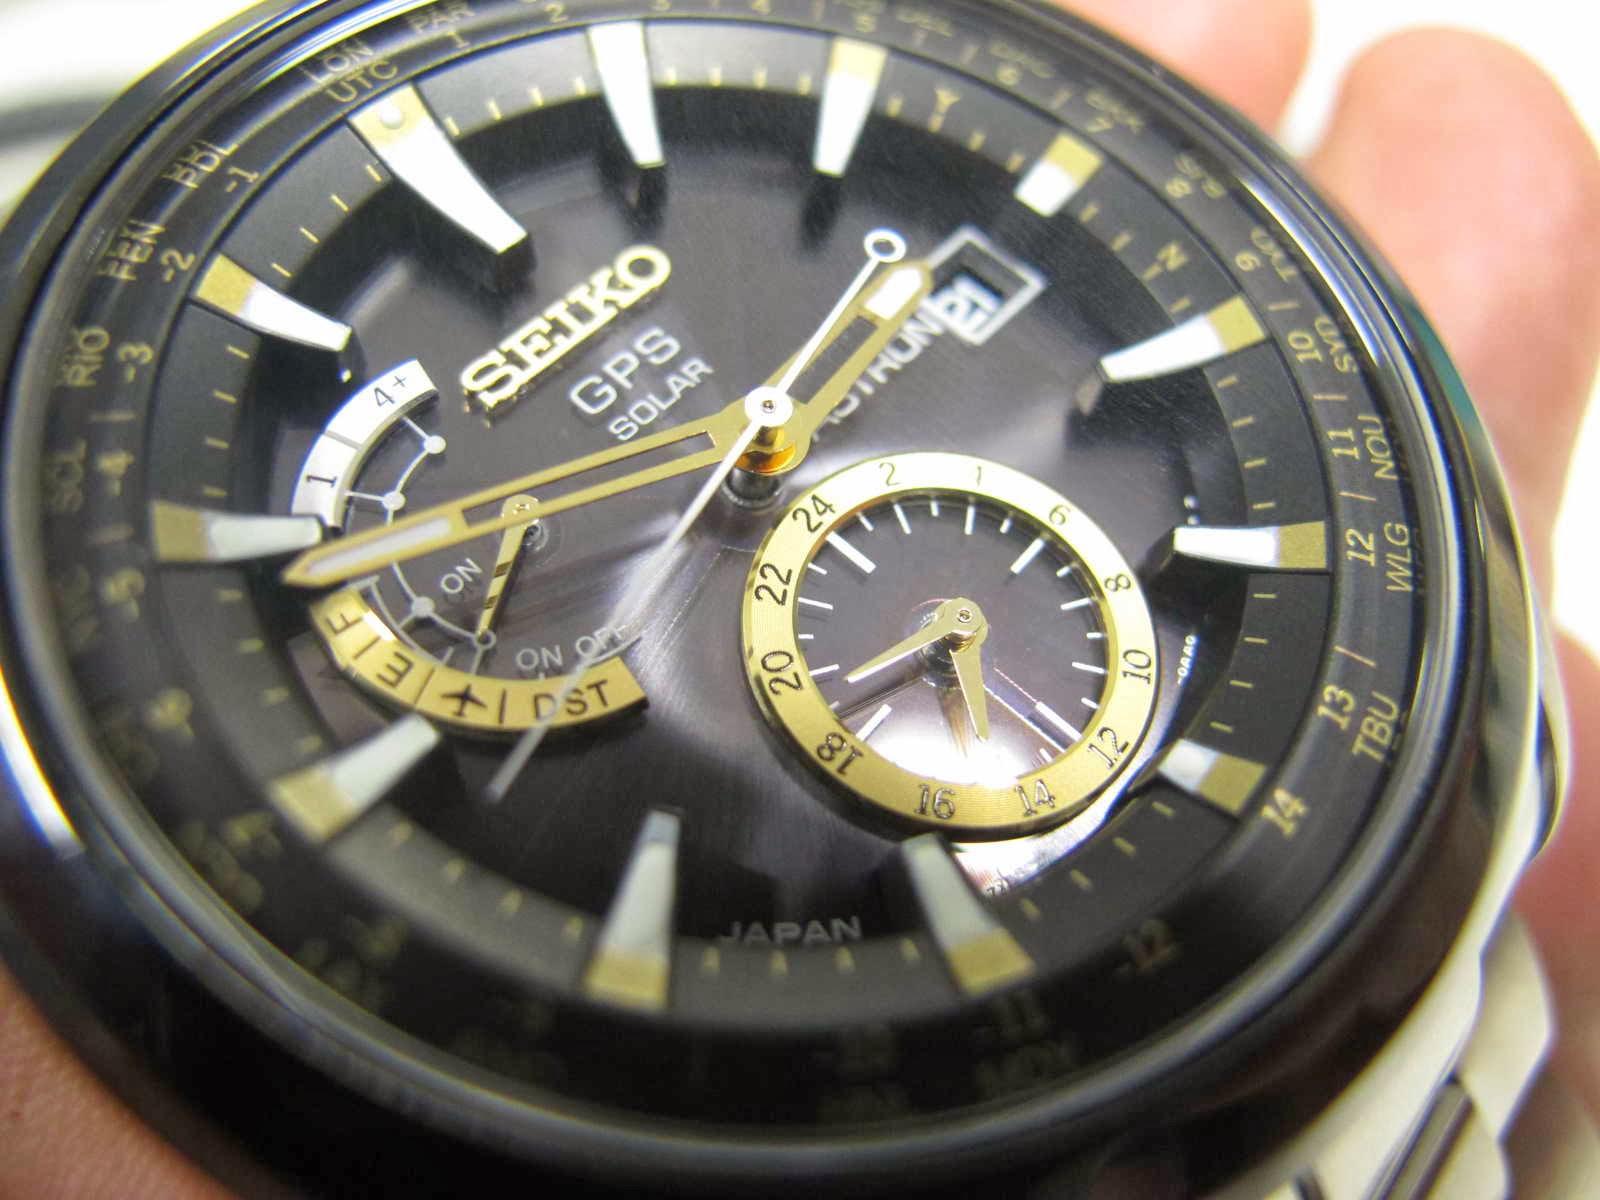 Kondisi SEIKO ASTRON ini Brand New Watch lengkap dengan box manual dan warranty card Cocok untuk Anda yang sedang mencari jam tangan Japan made